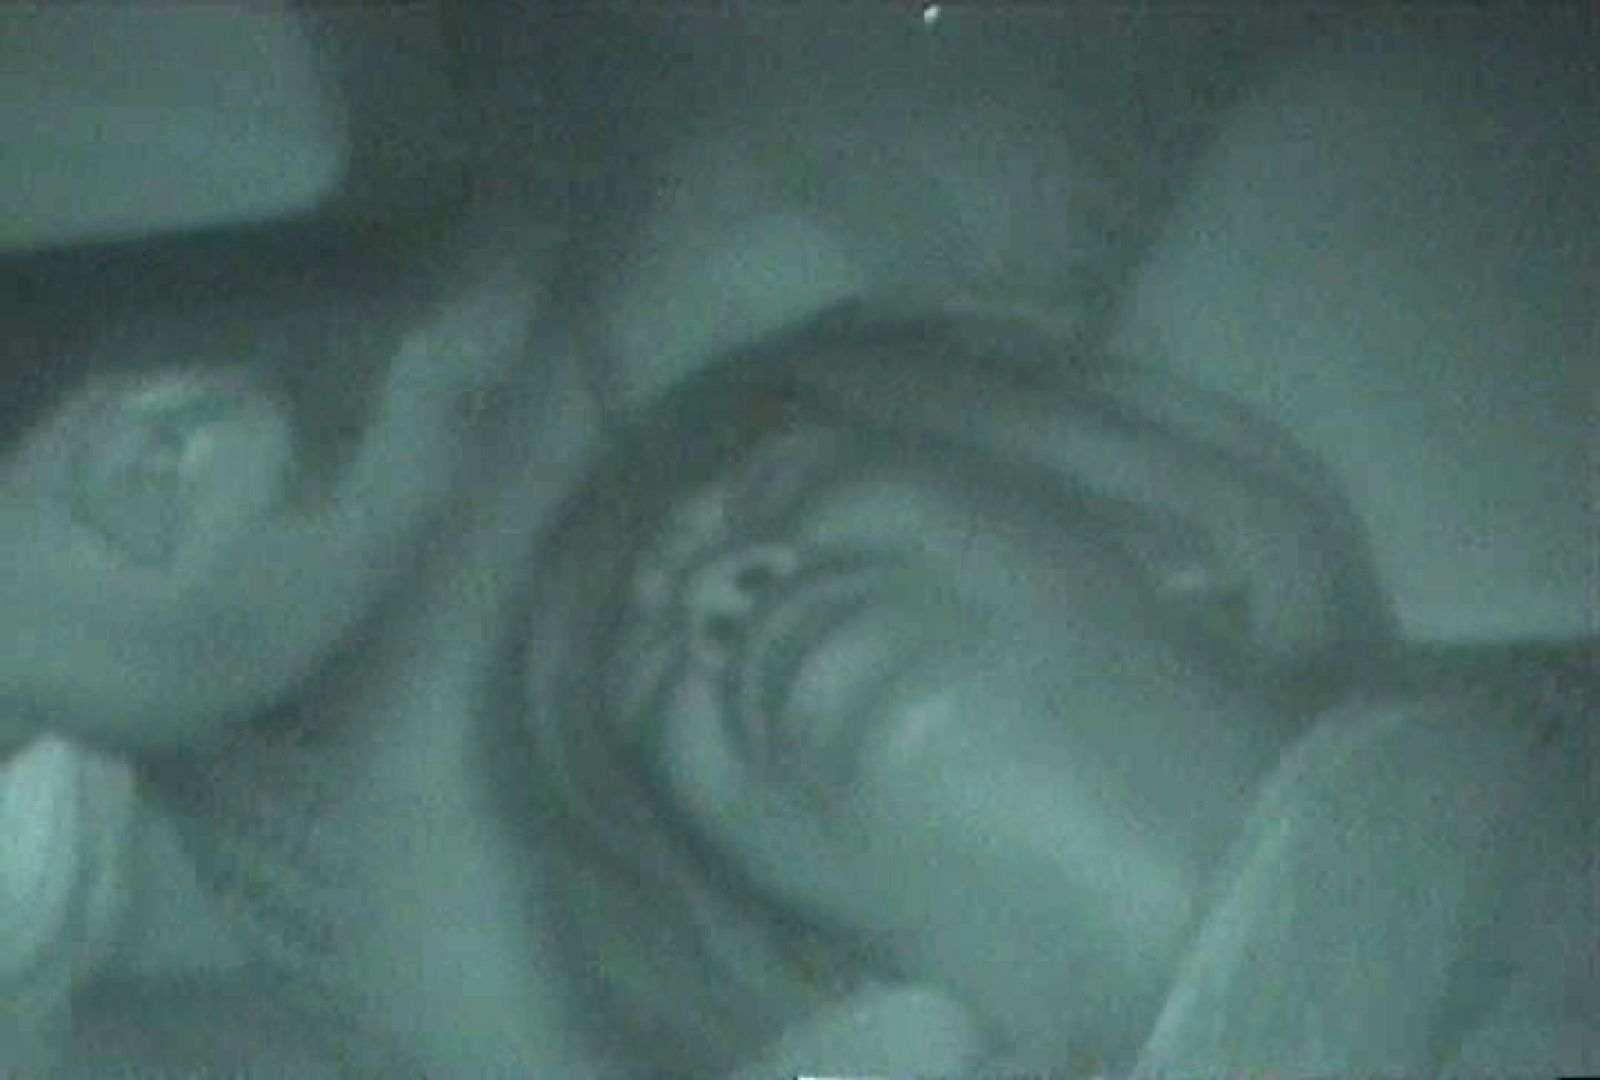 「充血監督」さんの深夜の運動会!! vol.065 熟女の実態 | OLの実態  38pic 25